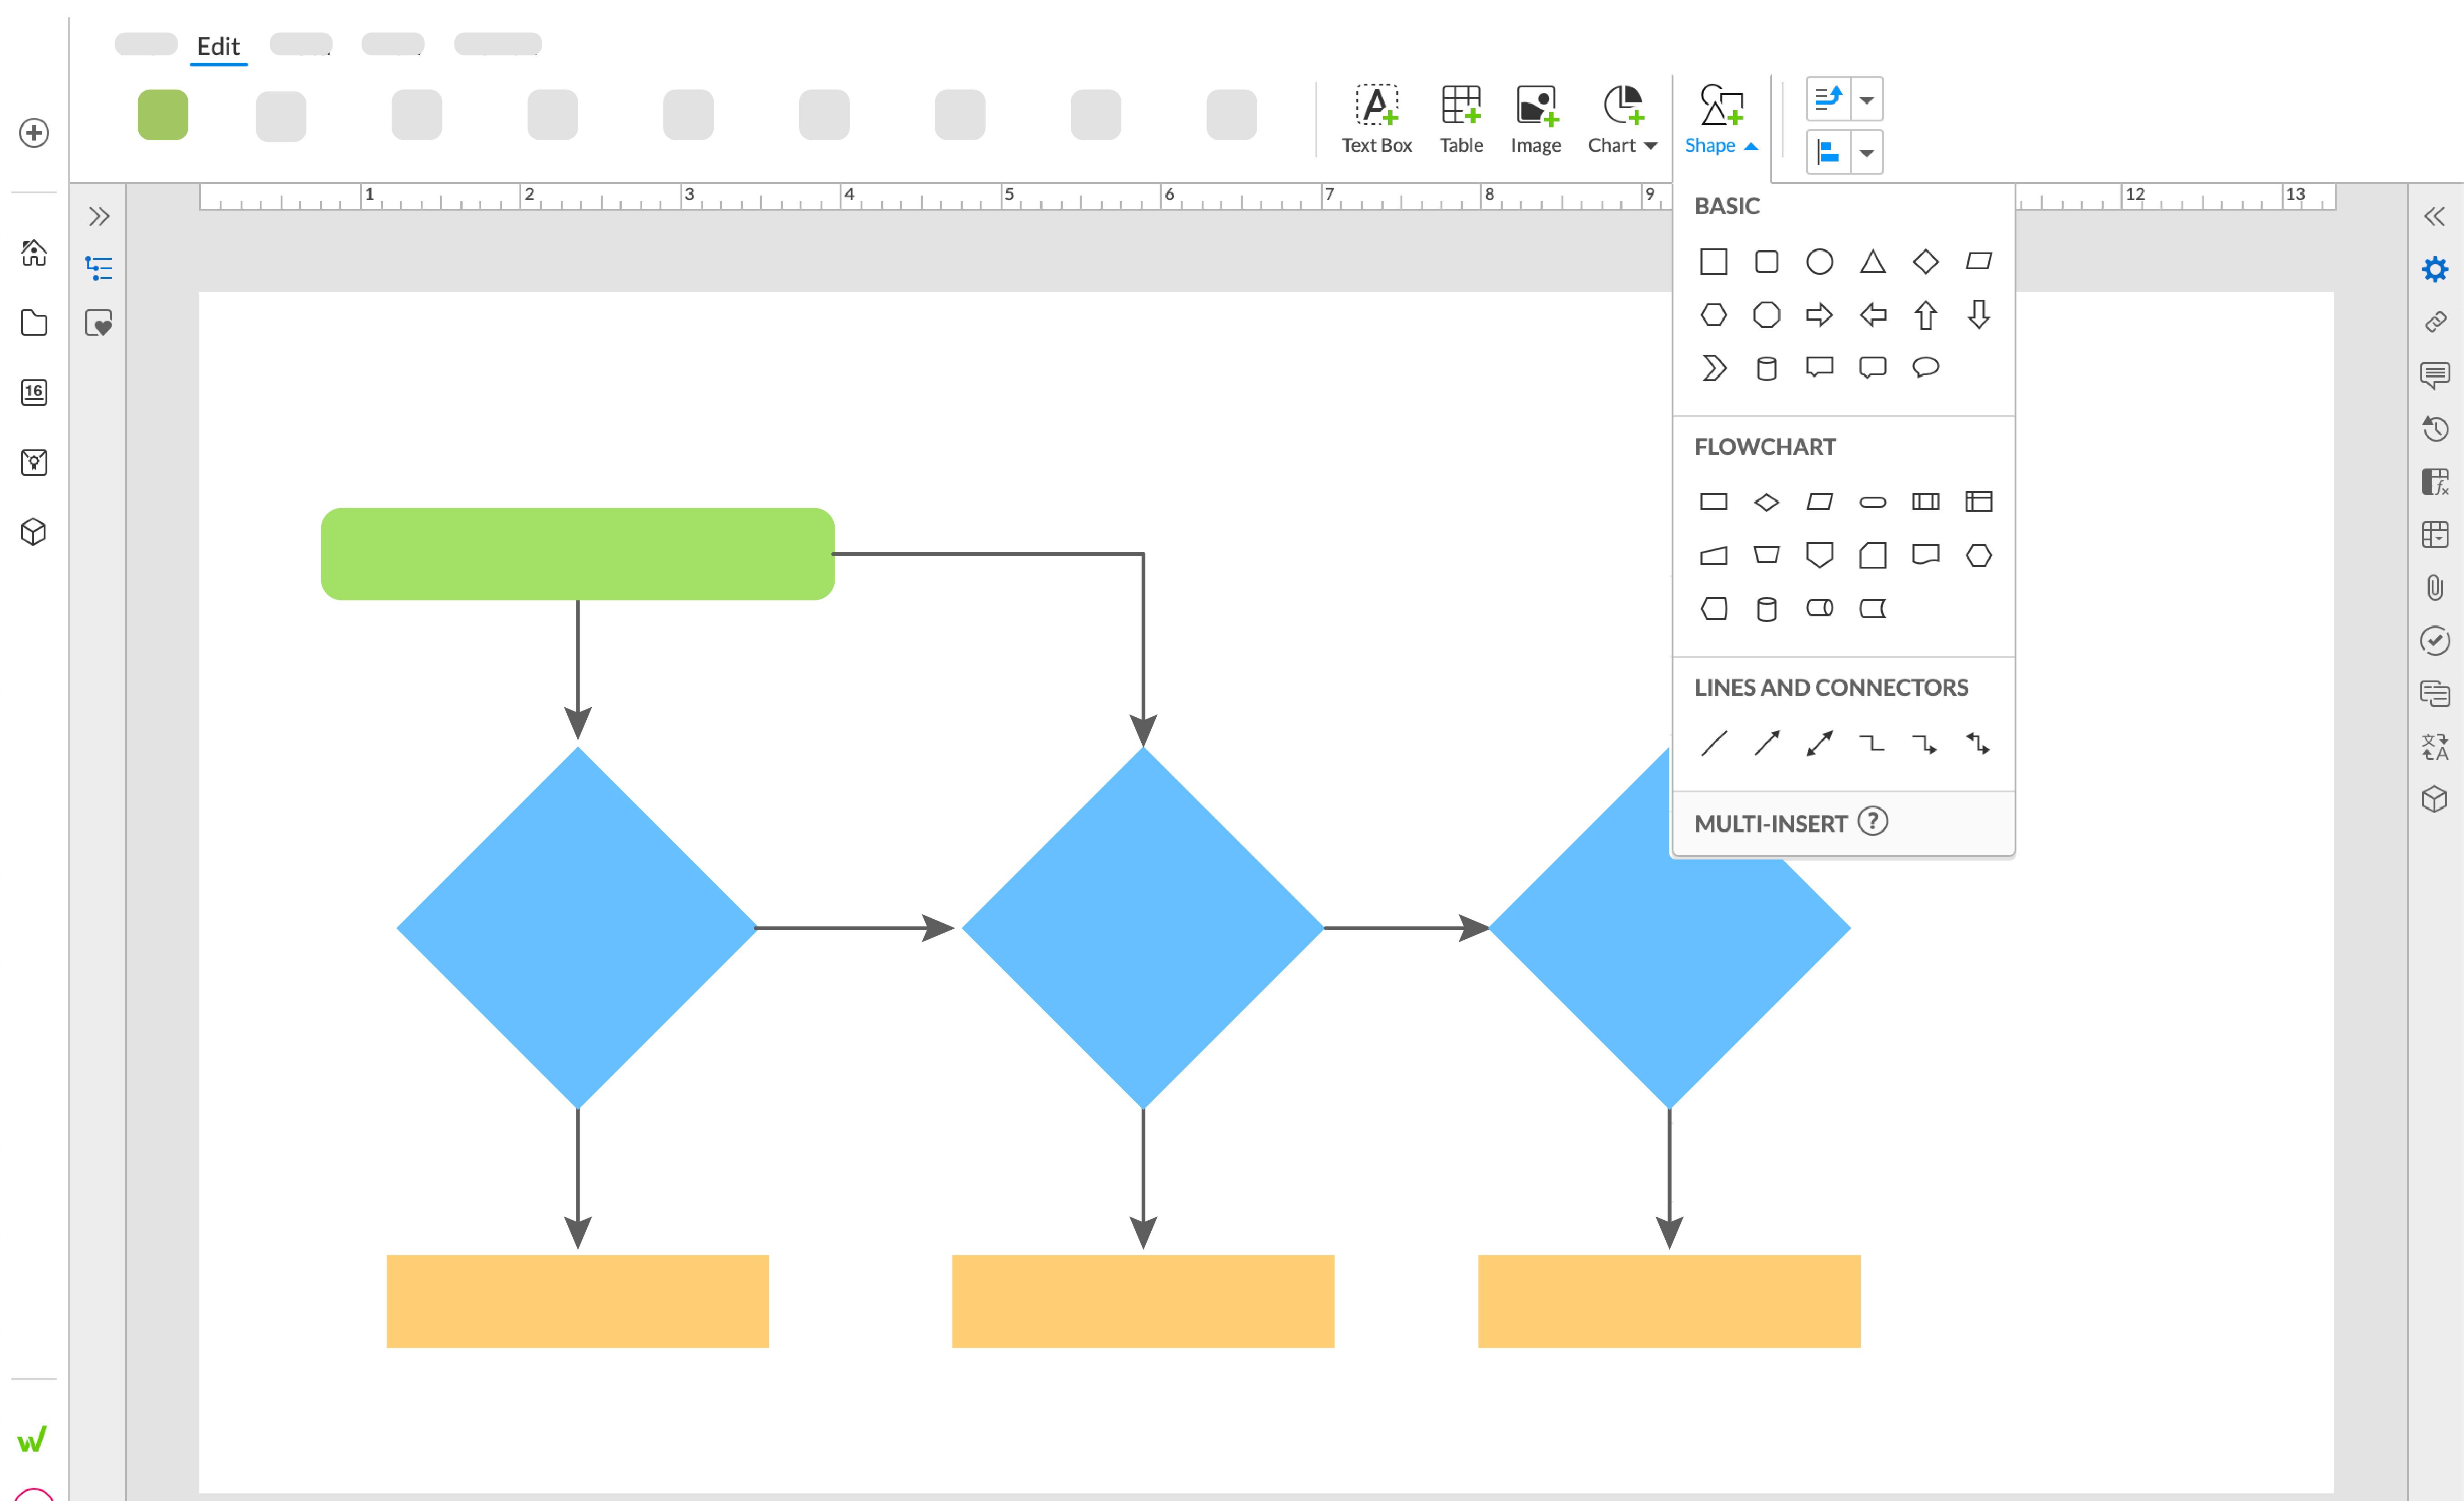 図形とコネクタを使用して、スライドにフローチャートを作成します